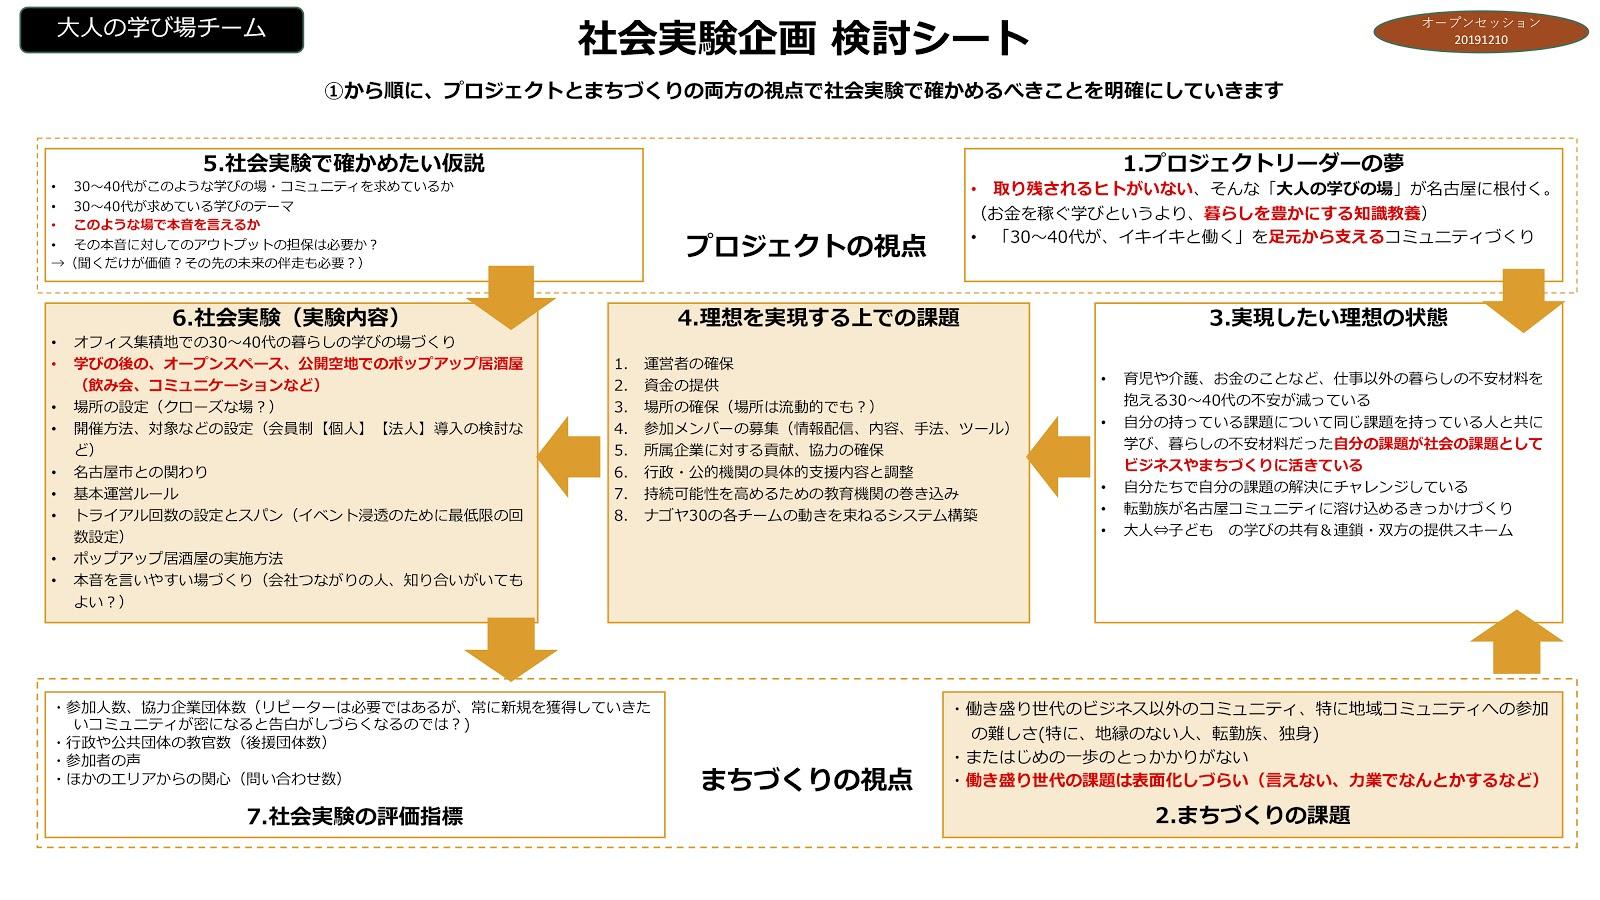 最終_発表大人の学び場チーム社会実験企画-検討シート20191204